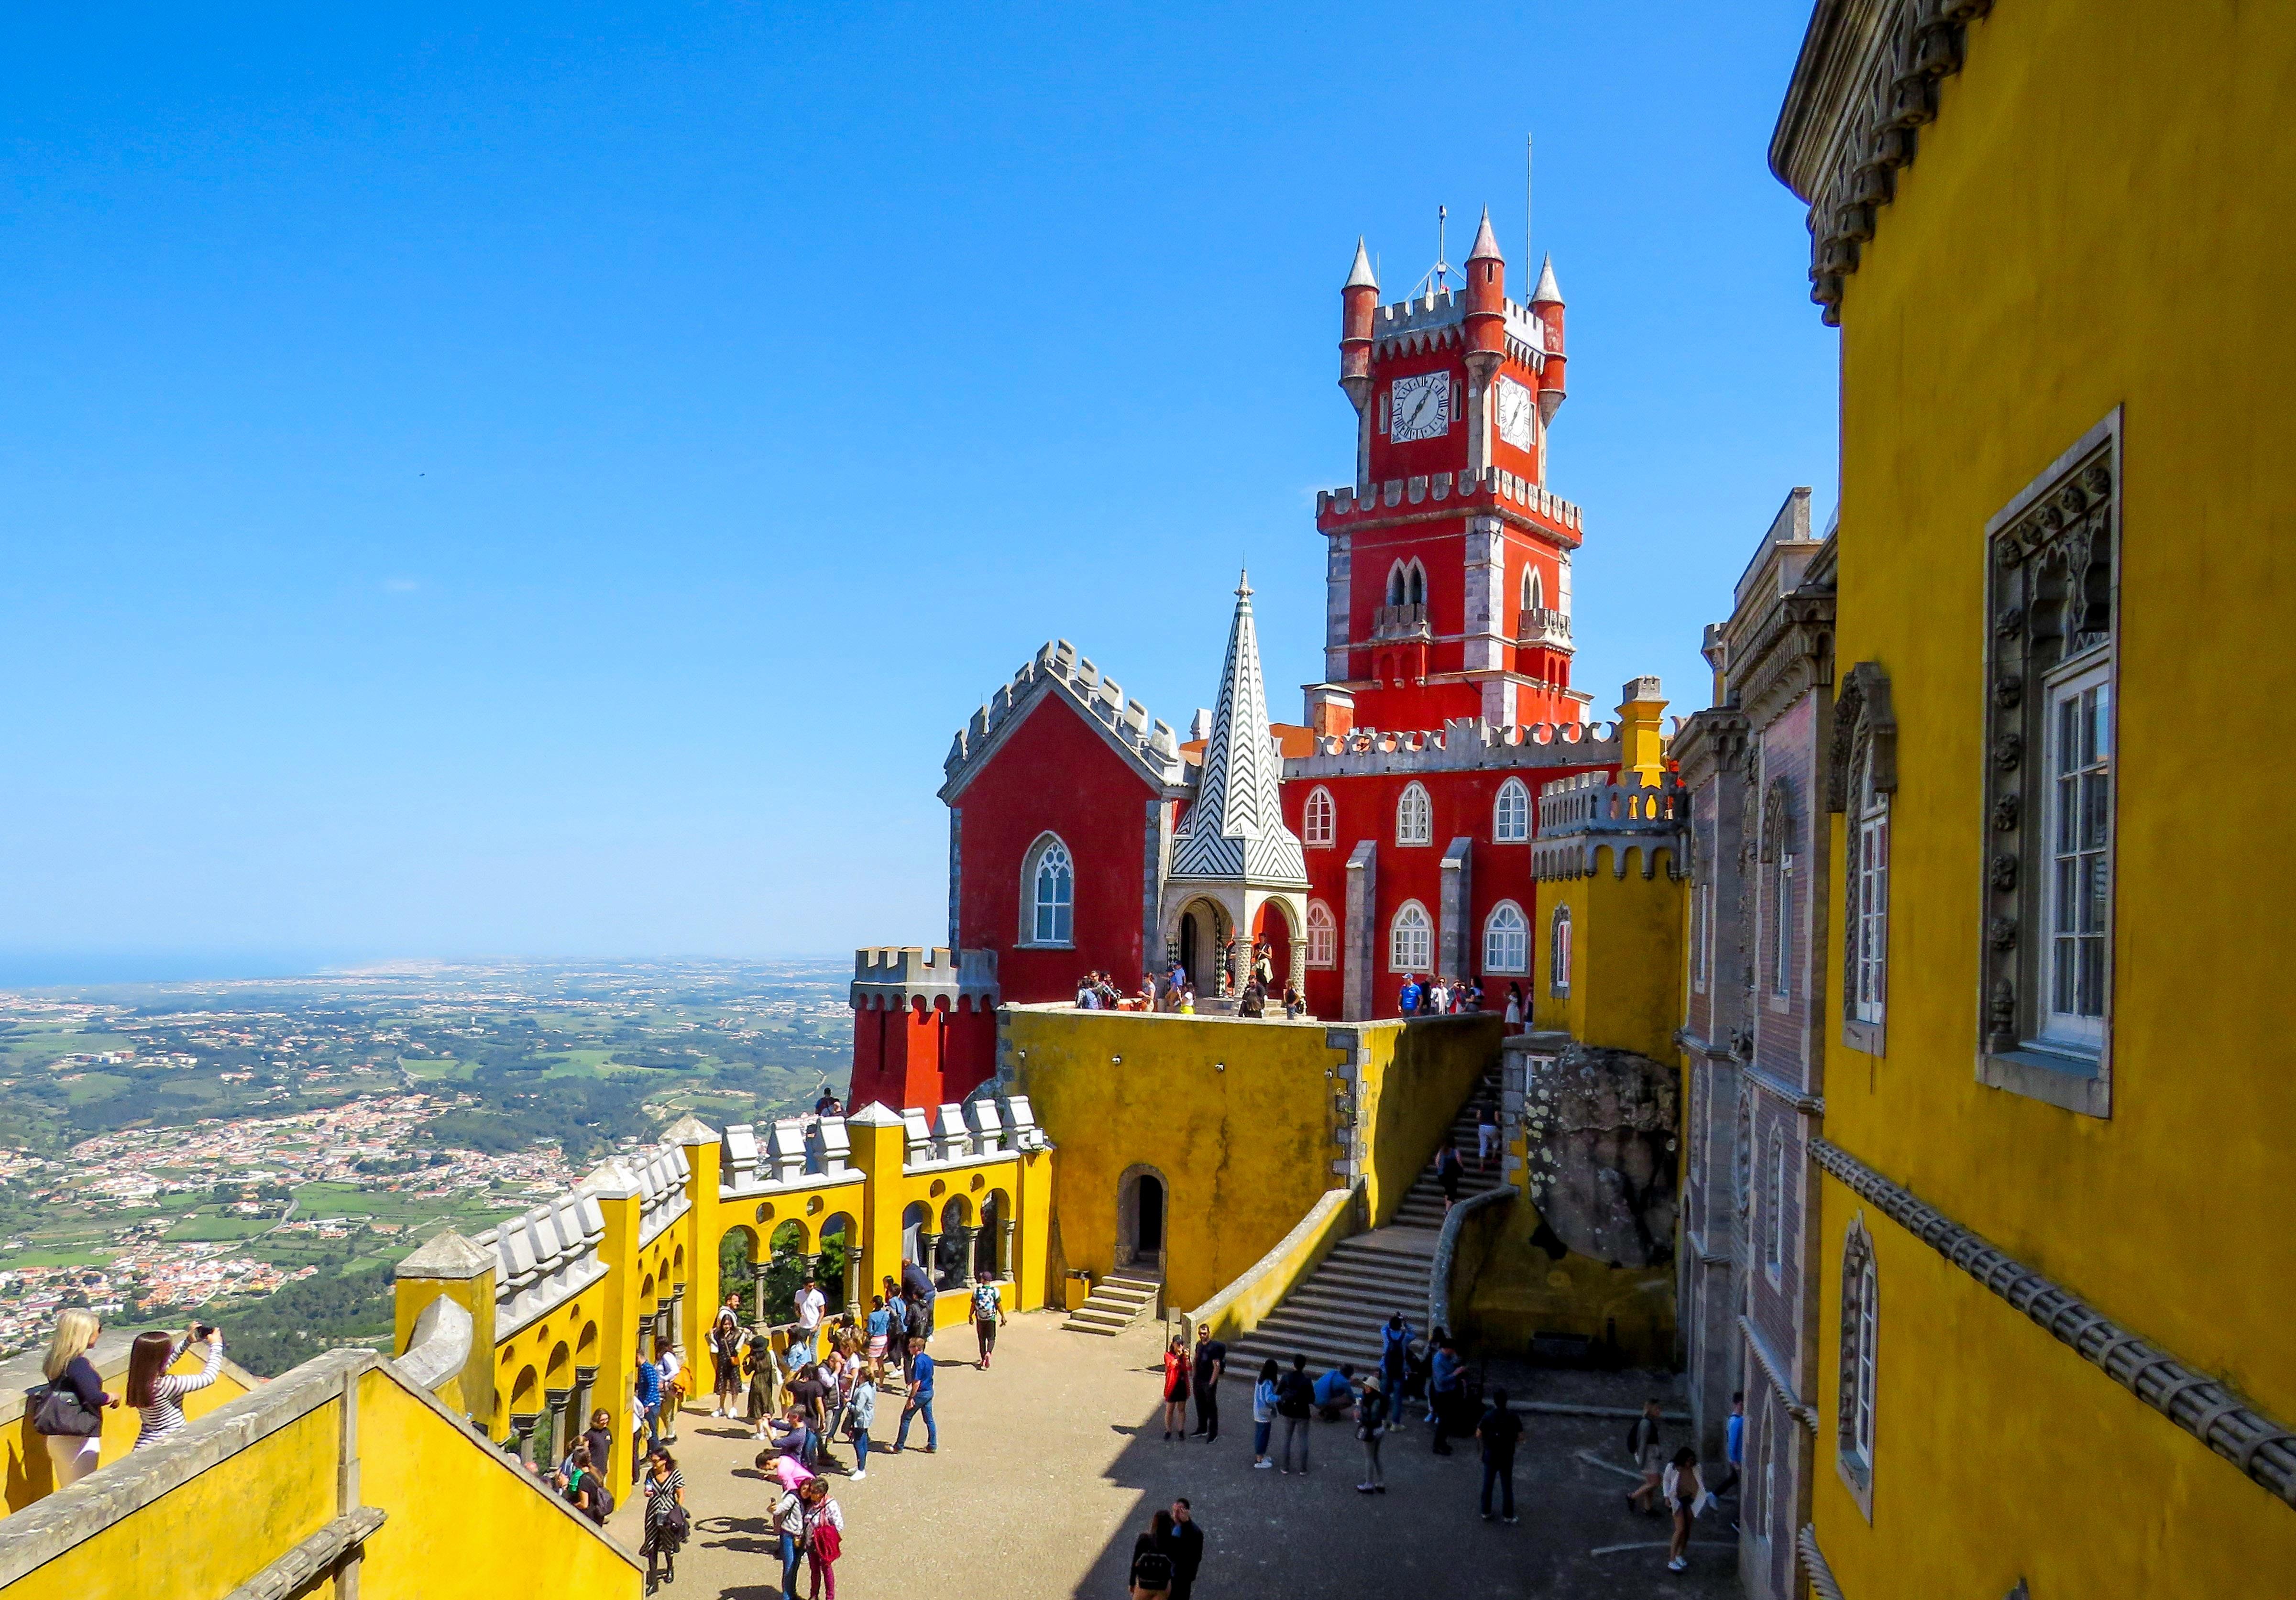 Parque y Palacio Nacional de Pena